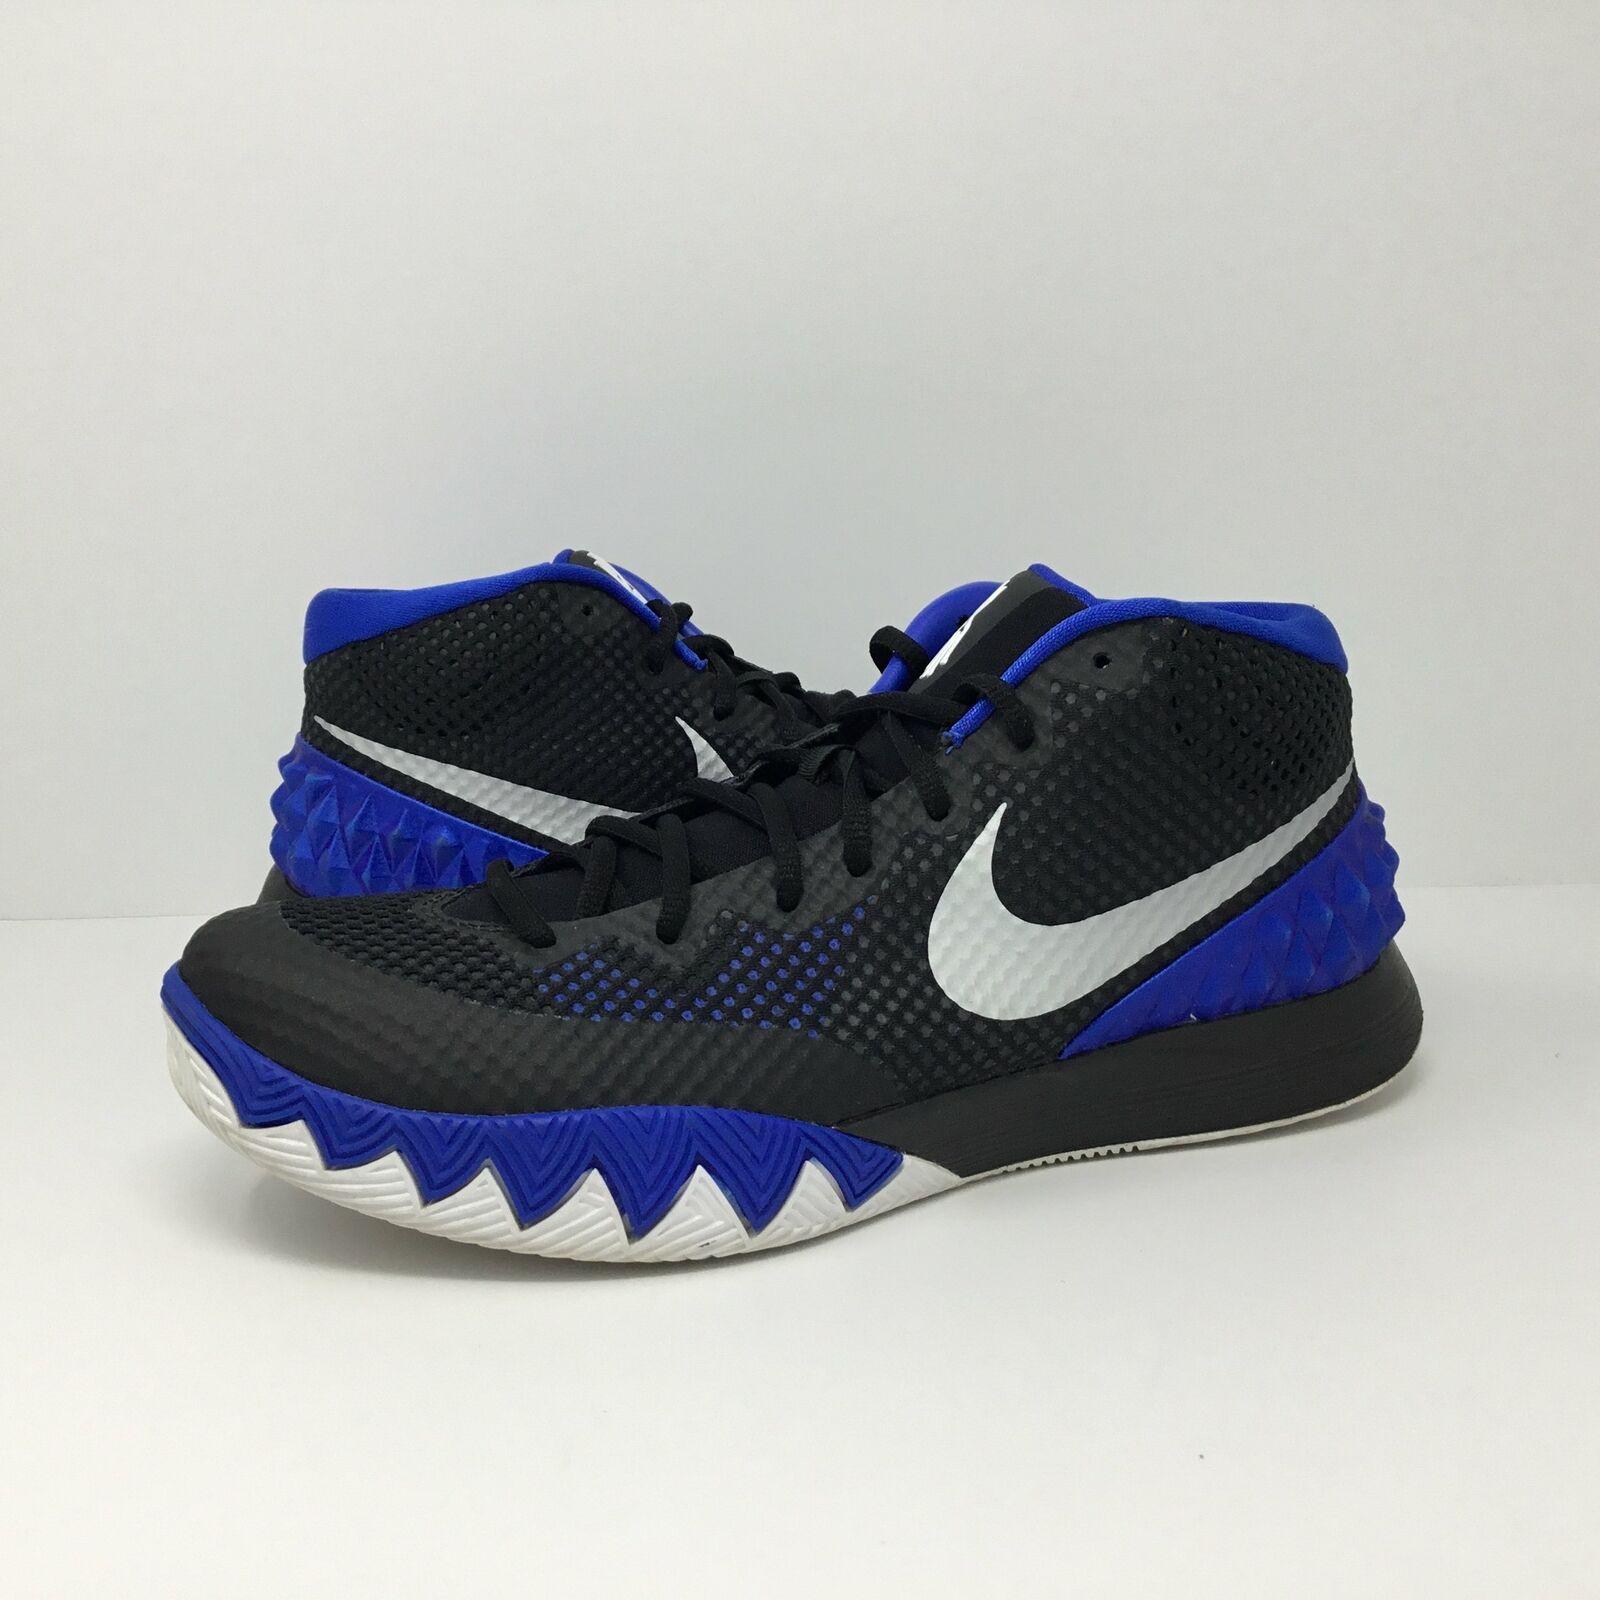 Nike Kyrie 1 Bredherhood sz 11.5